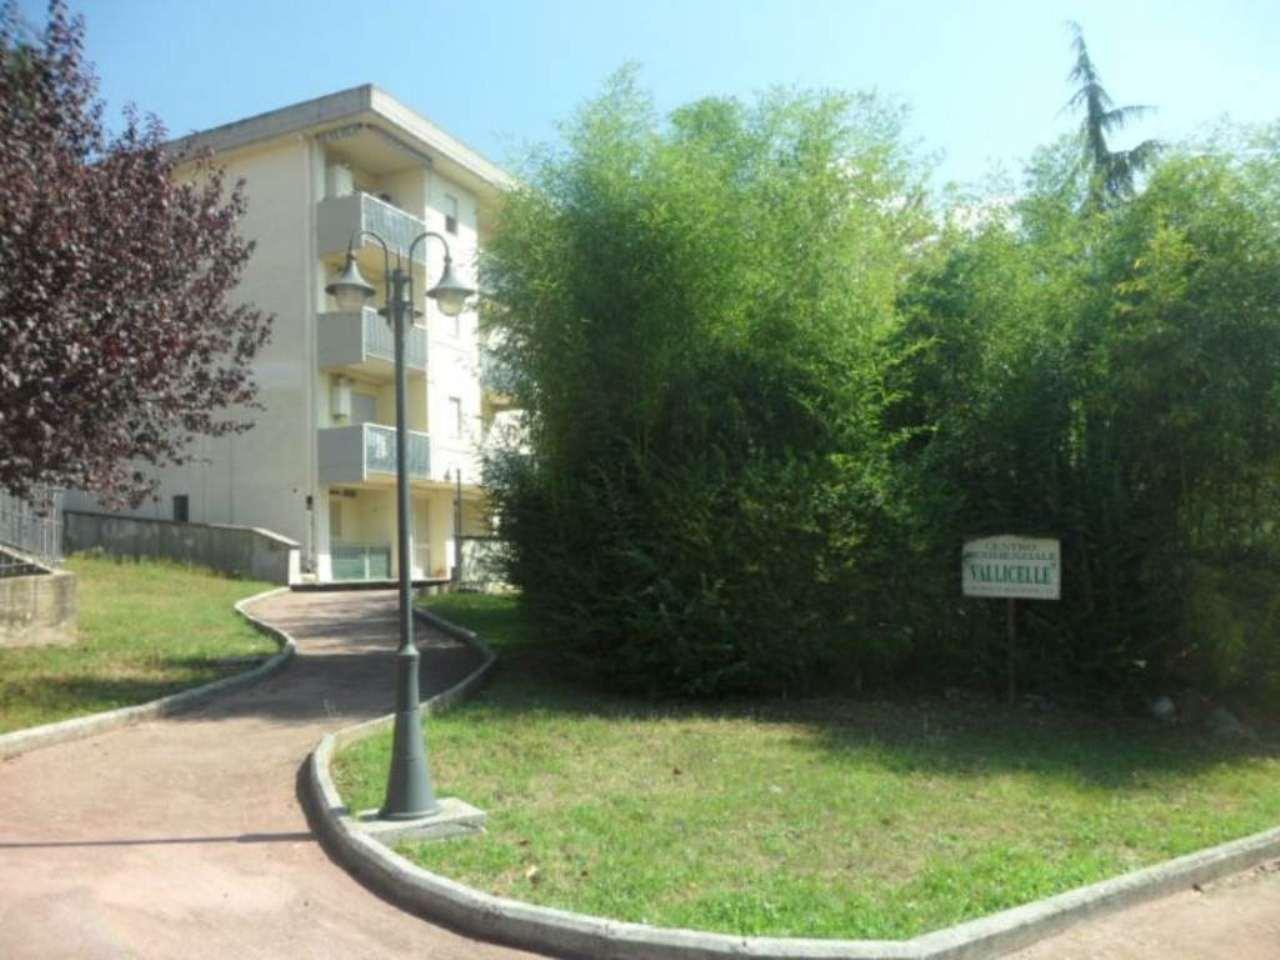 Appartamento in vendita a Fiuggi, 3 locali, prezzo € 45.000 | Cambio Casa.it